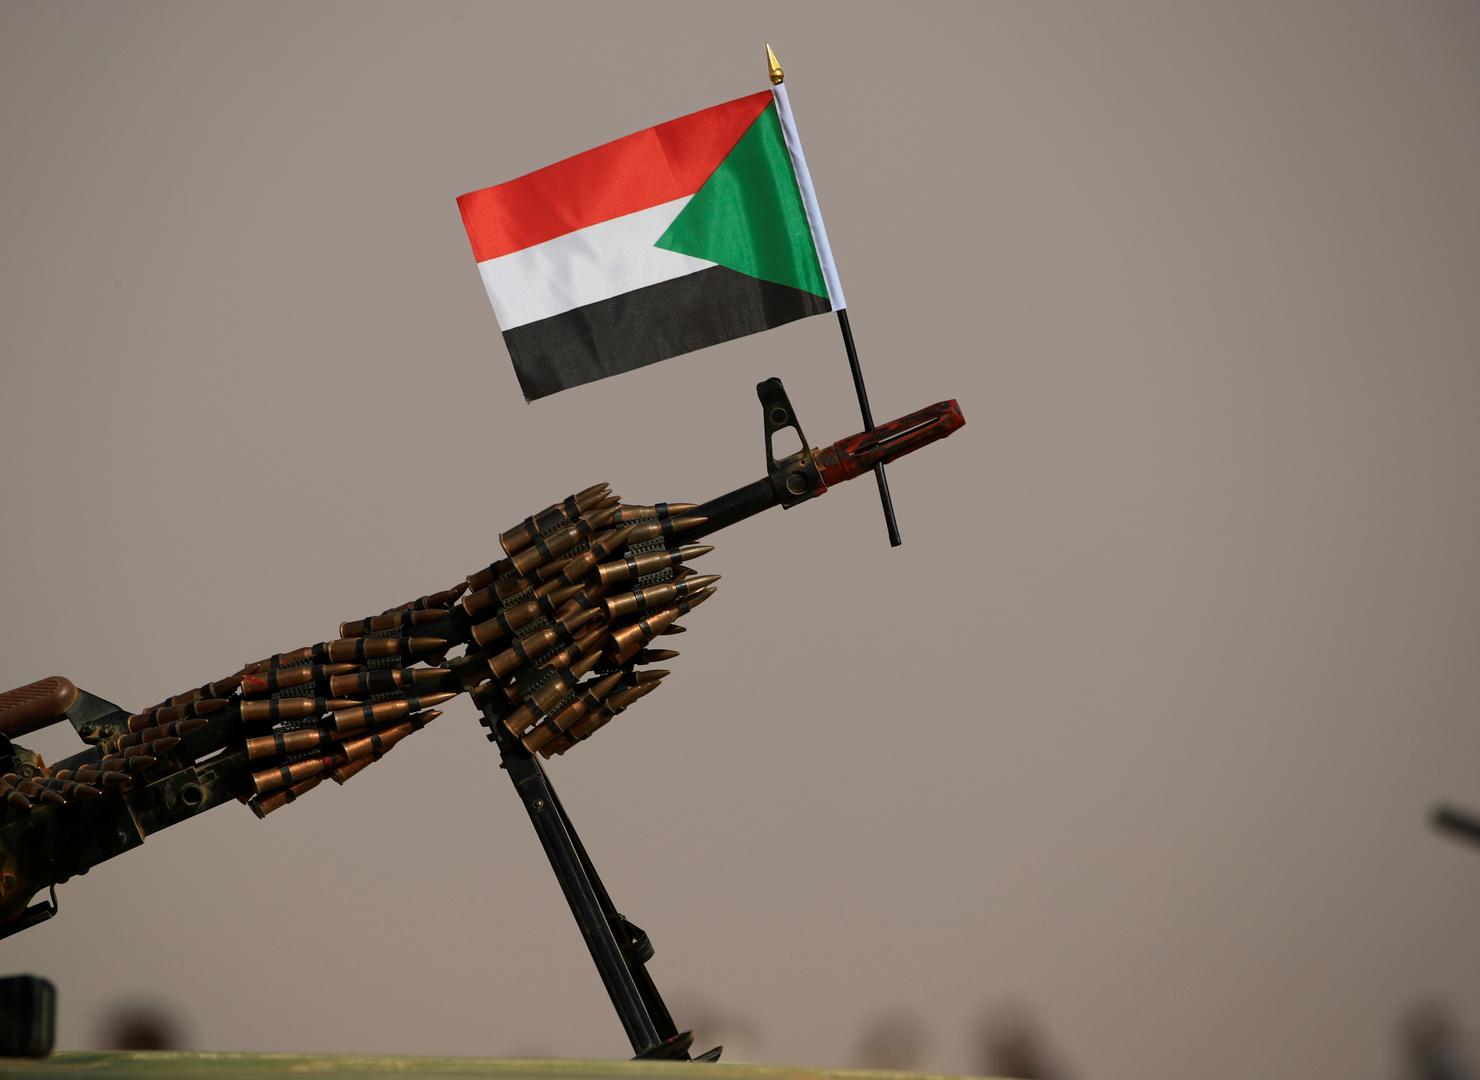 البرهان: انتشار قواتنا الأخير تم ضمن الحدود المعترف بها من قبل إثيوبيا